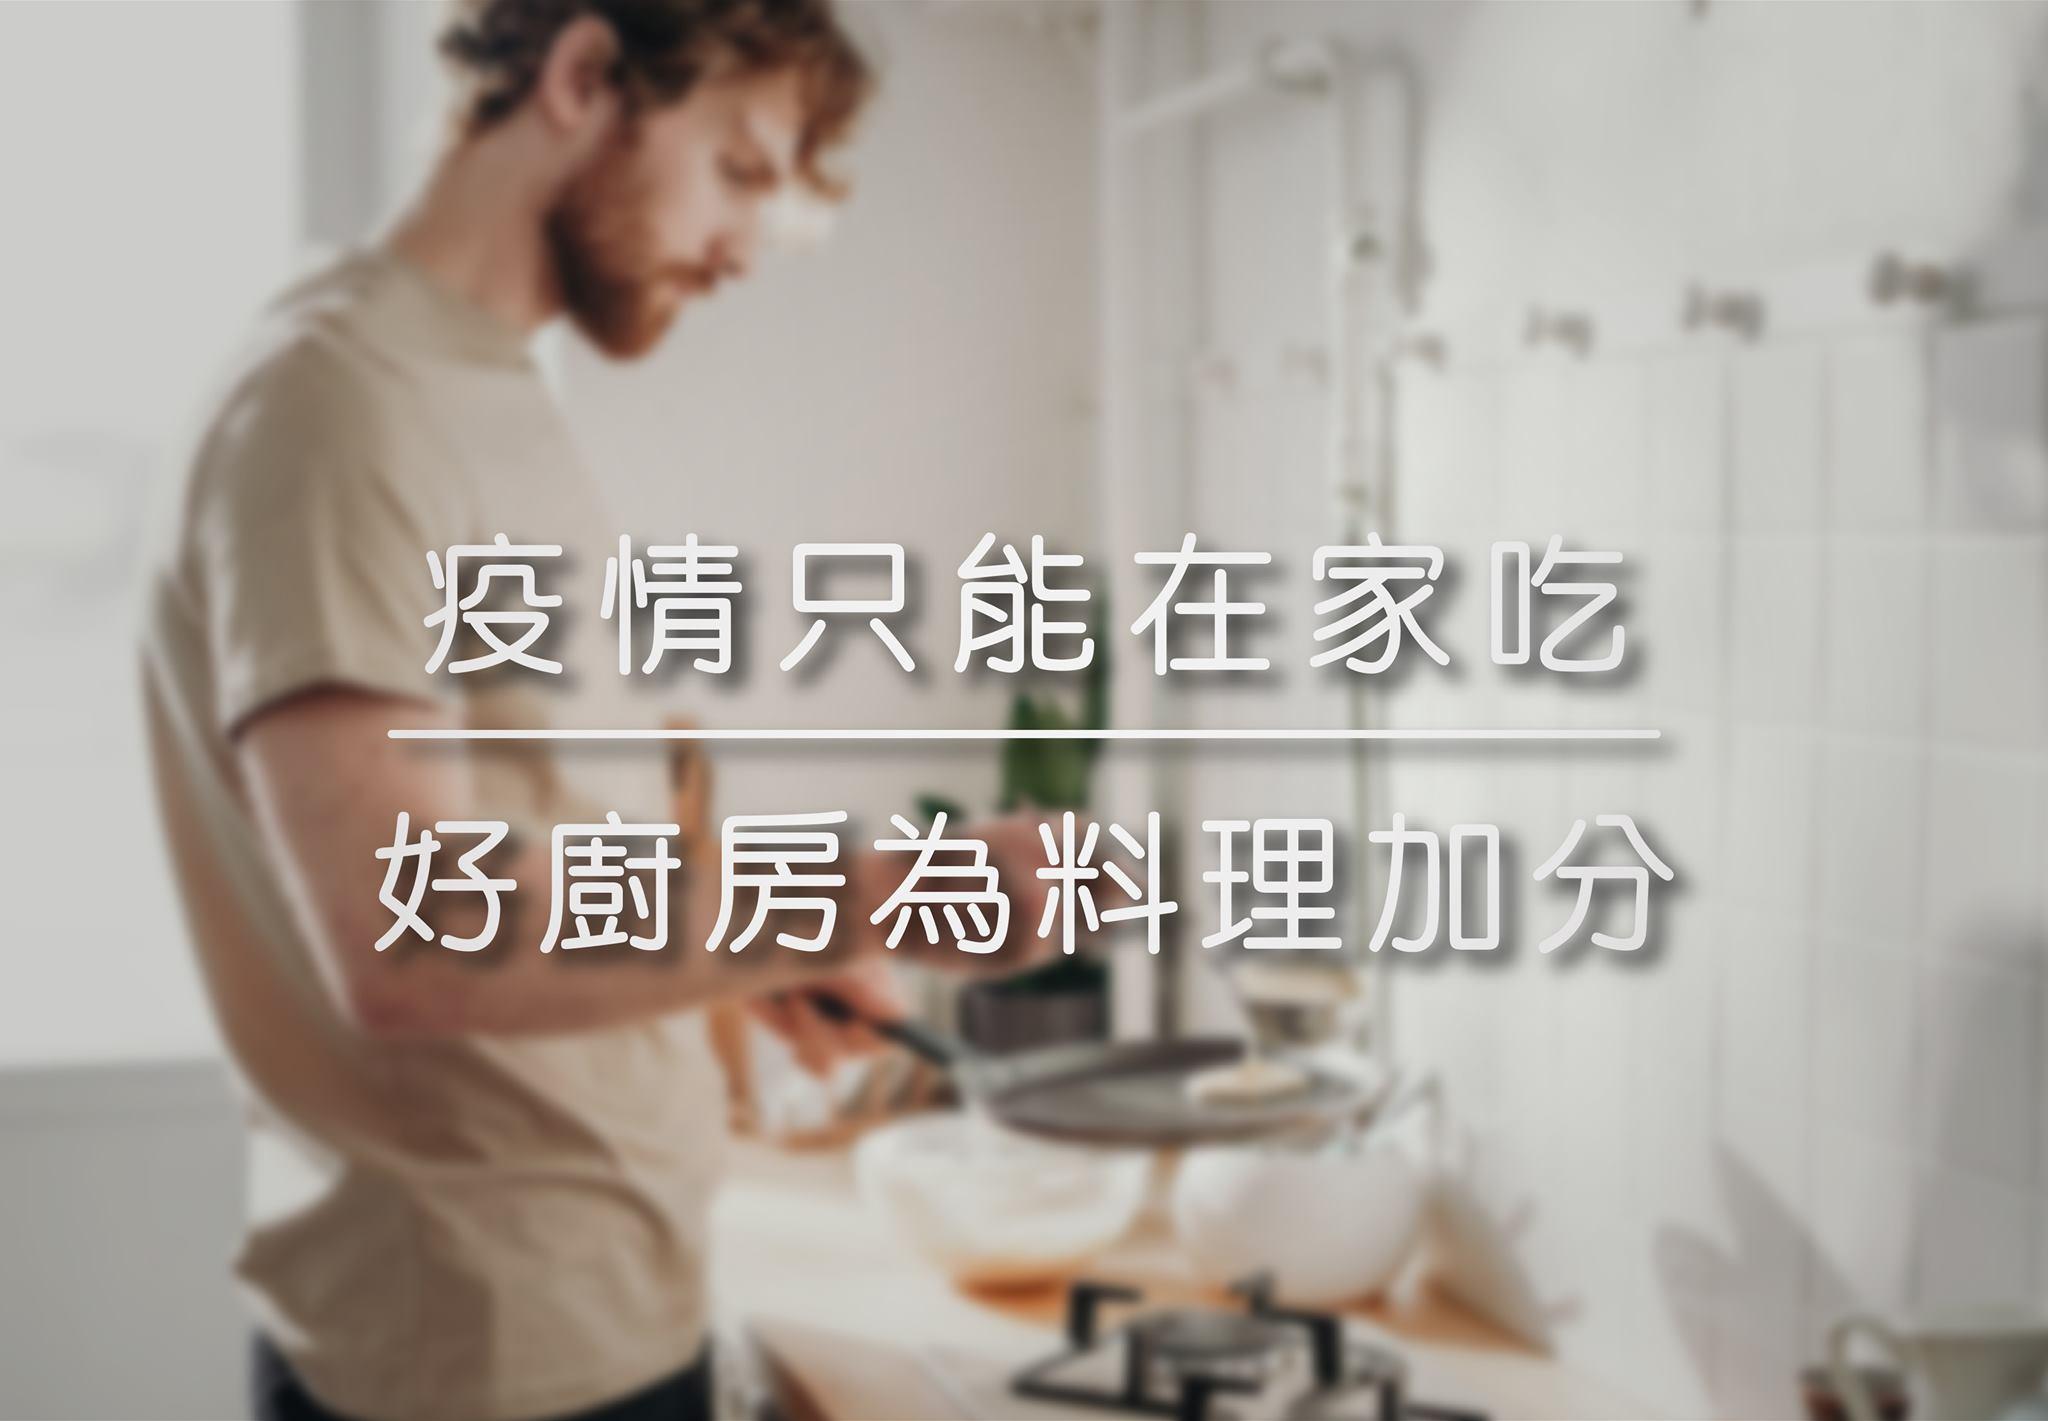 疫情只能在家吃 | 好廚房為料理加分